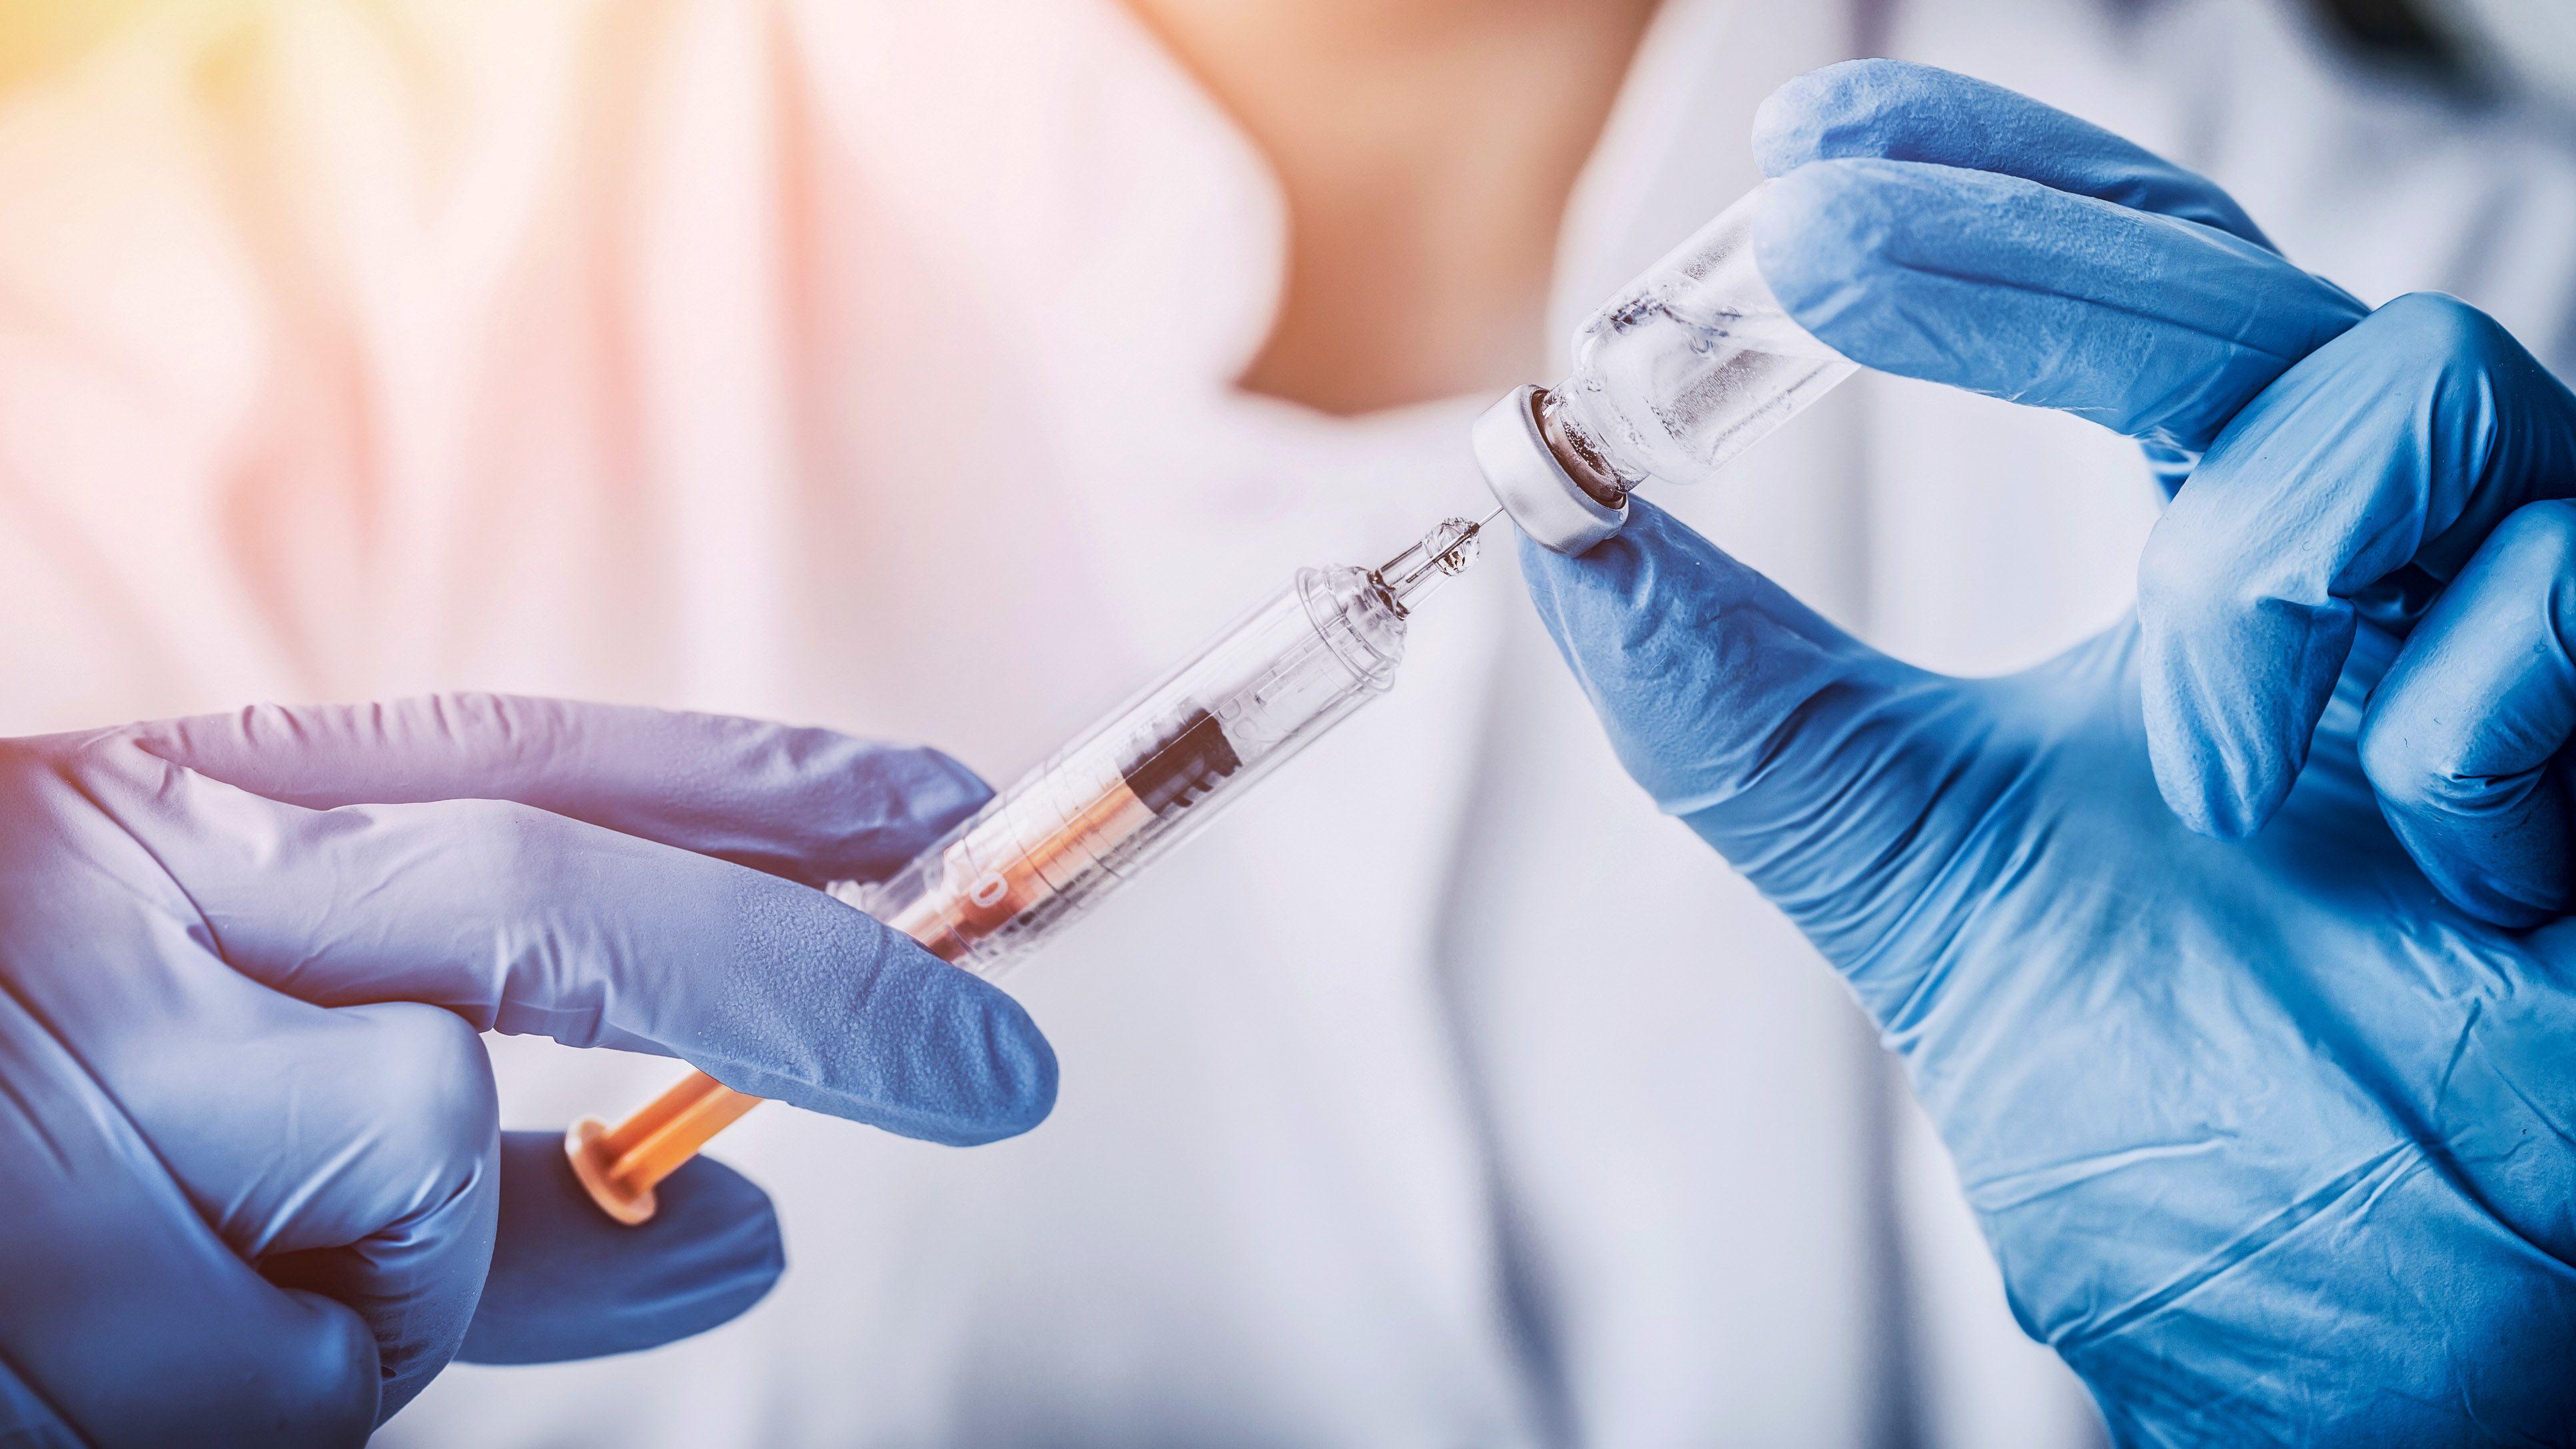 hpv vakcina hosszú távú mellékhatások uk